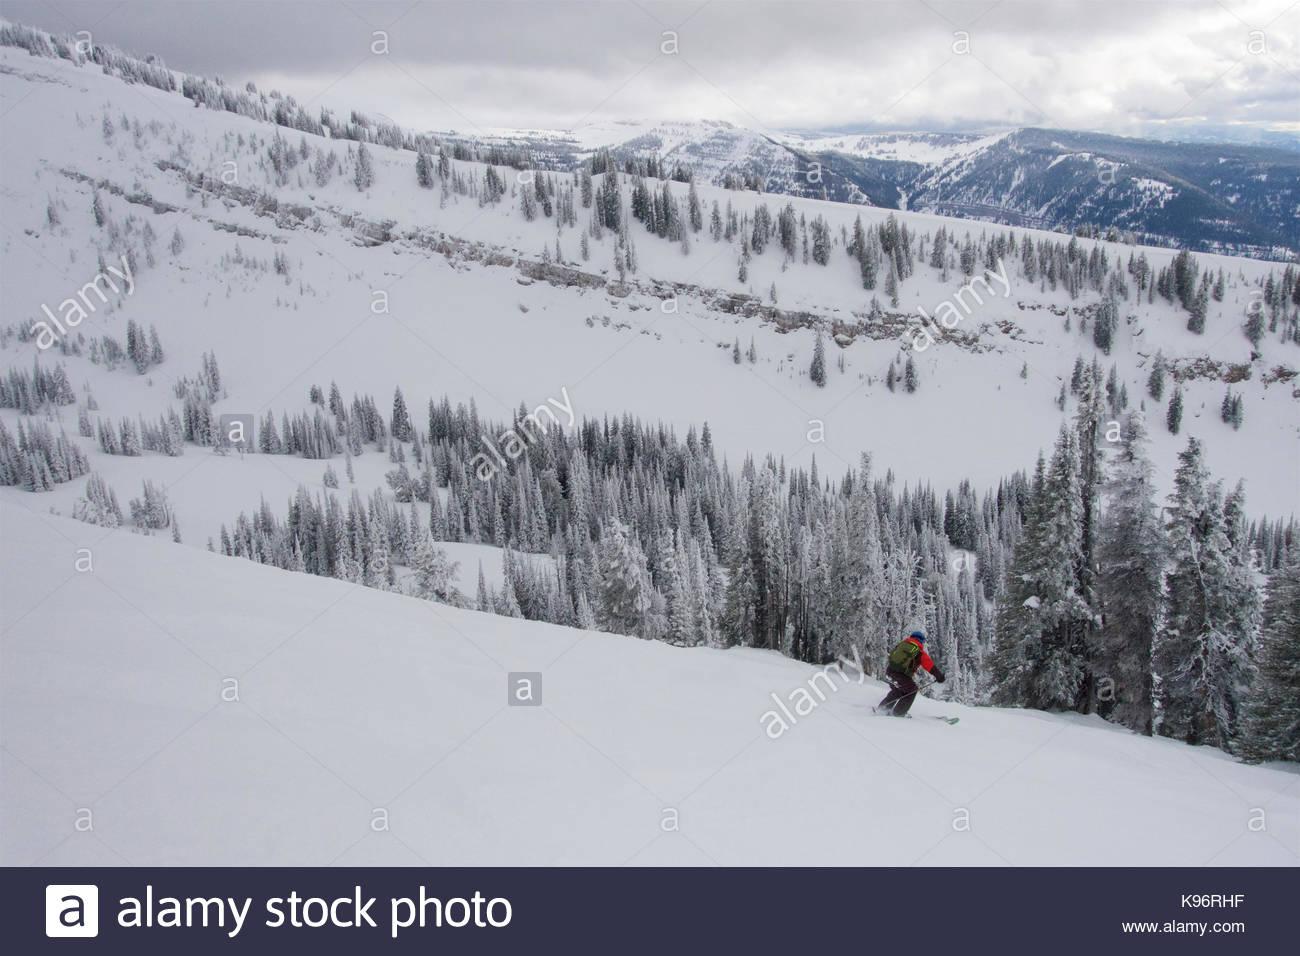 Un ragazzo di teen piste per lo sci di fondo nei pressi di rime alberi coperti in montagna in una giornata nuvolosa. Immagini Stock